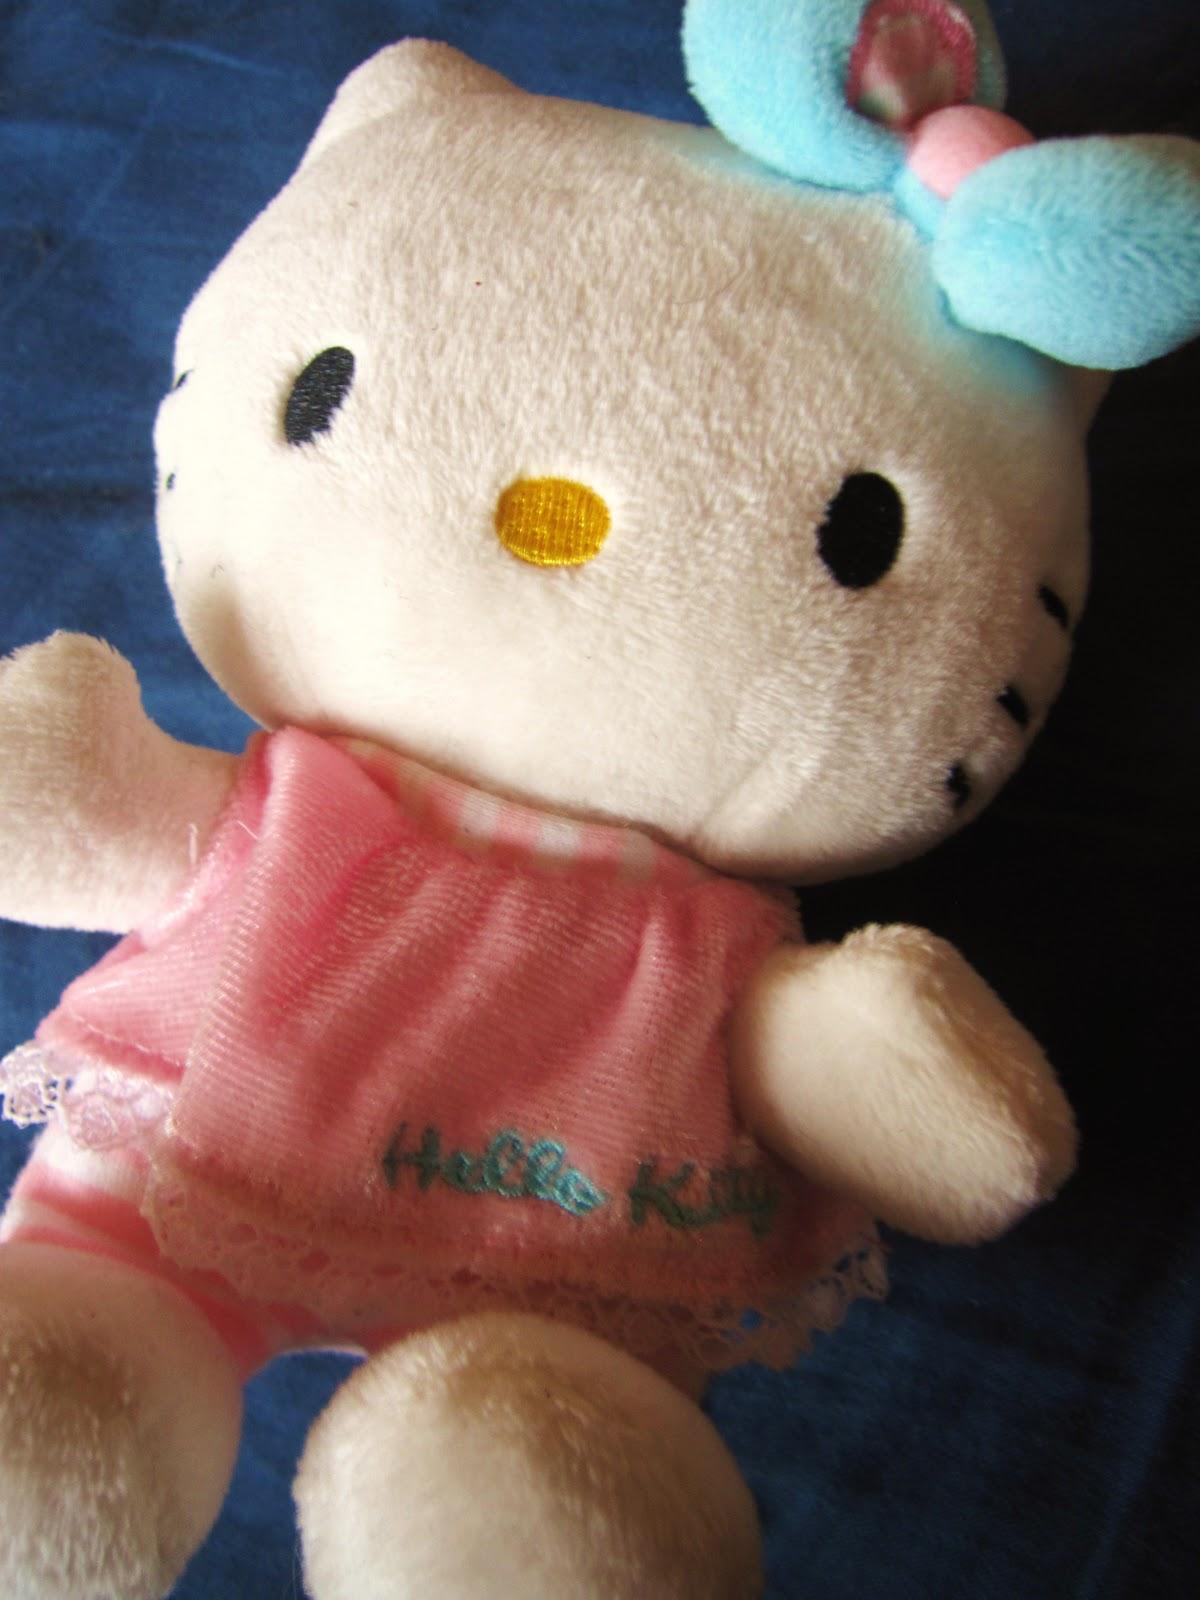 http://2.bp.blogspot.com/-R2rTNB5oMrI/Tv8Rr3r15HI/AAAAAAAAAFA/X26hCG3WNhQ/s1600/IMG_1606.JPG